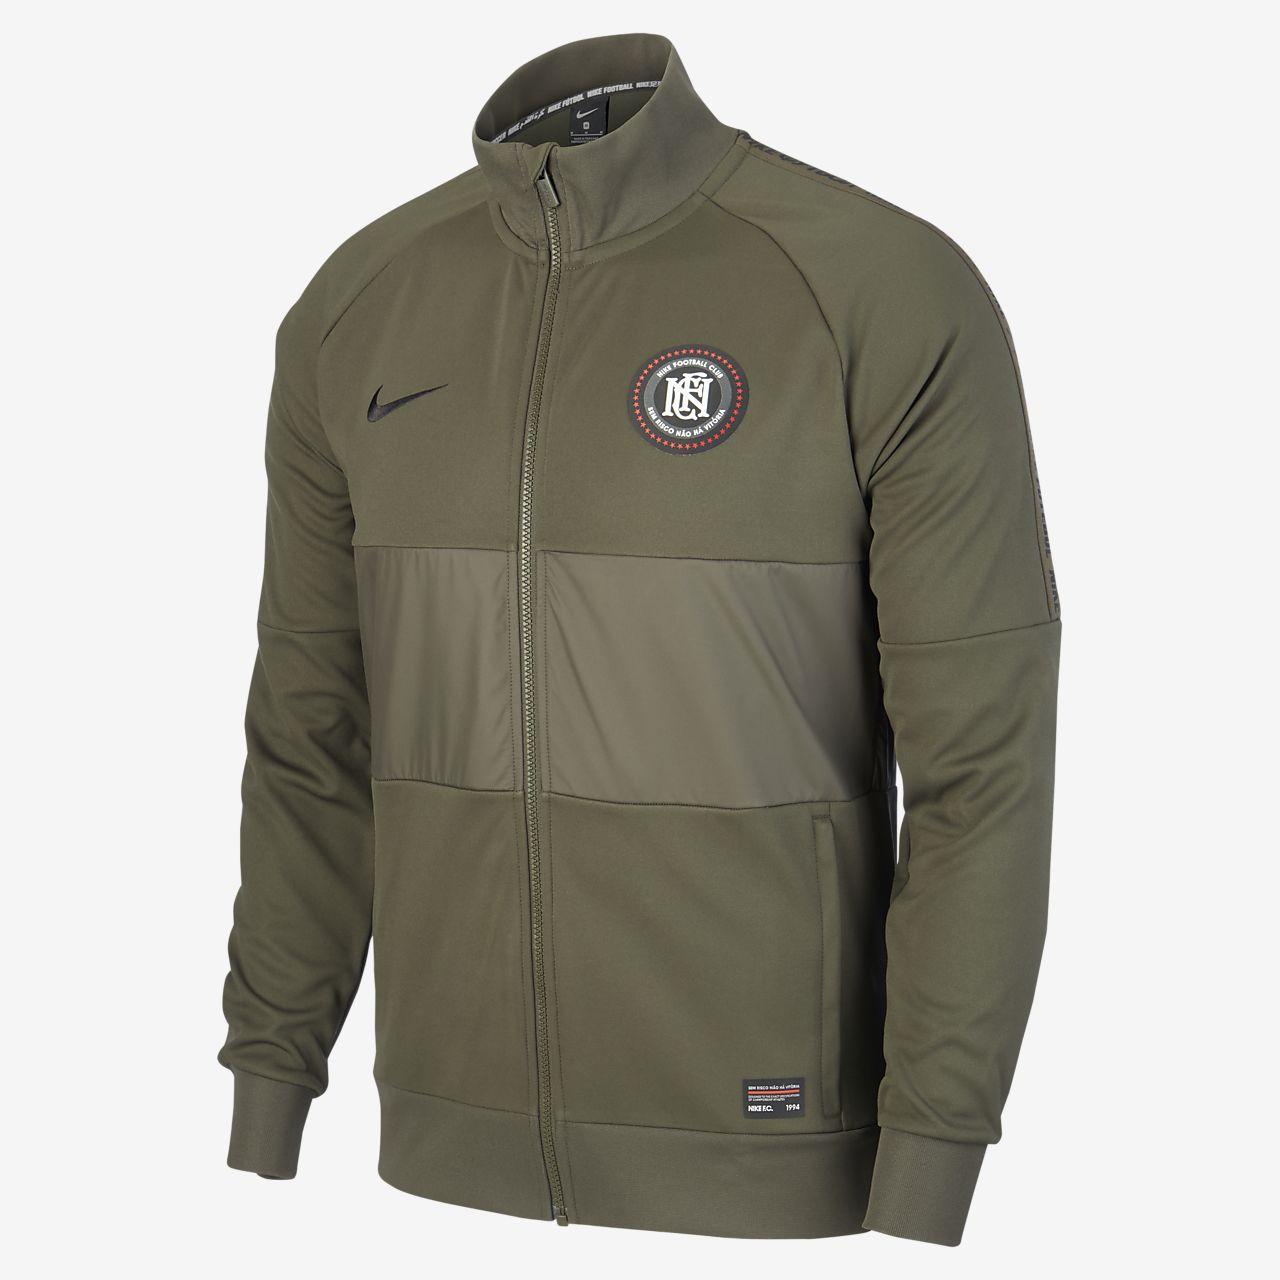 Veste De Survetement De Football Nike F C Pour Homme Nike Com Ma